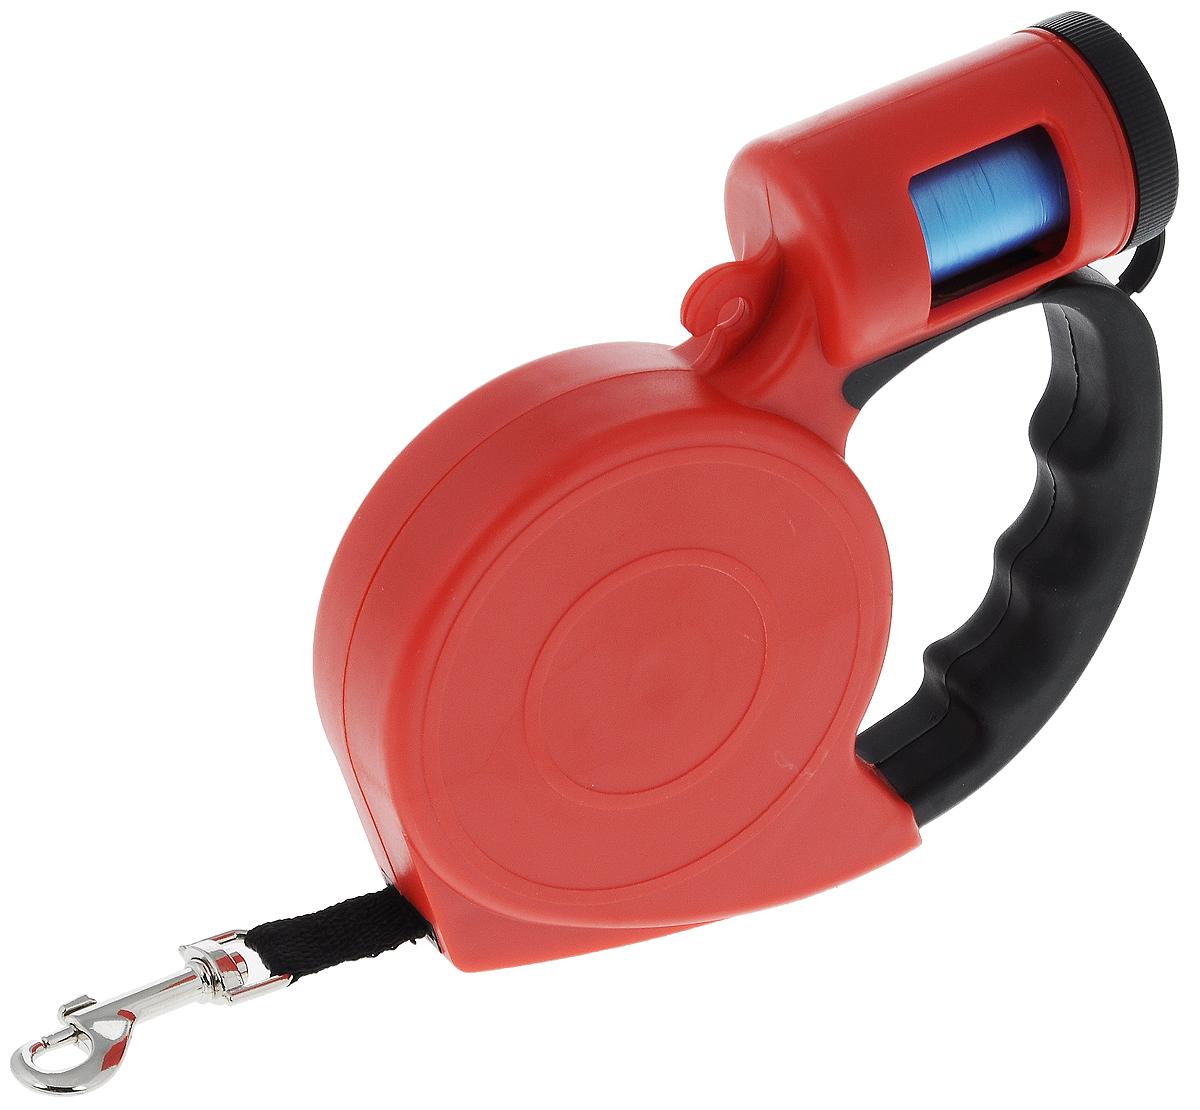 Поводок-рулетка Pet Fun, с диспенсером для гигиенических пакетов, 5 мYL24525Поводок-рулетка Pet Fun, выполненный из пластика, обеспечит безопасность вам и вашему любимцу. Благодаря специальному покрытию ручки и надежному замку вы сможете полностью контролировать свою собаку на прогулке.Теперь вам не придется за ней бегать. Вы можете просто ослабить фиксатор, и лента будет вытягиваться по всей длине поводка и автоматически приспосабливаться к движениям вашей собаки до того момента, пока вы не нажмете на кнопку блокировки.Изделие оснащено диспансером для гигиенических пакетов.В комплект входит 1 рулон с 20 гигиеническими пакетами, изготовленными из полиэтилена. Они предназначены для уборки за собакой в общественных местах (подъезд, двор, газон, общественный транспорт).Длина поводка: 5 м.